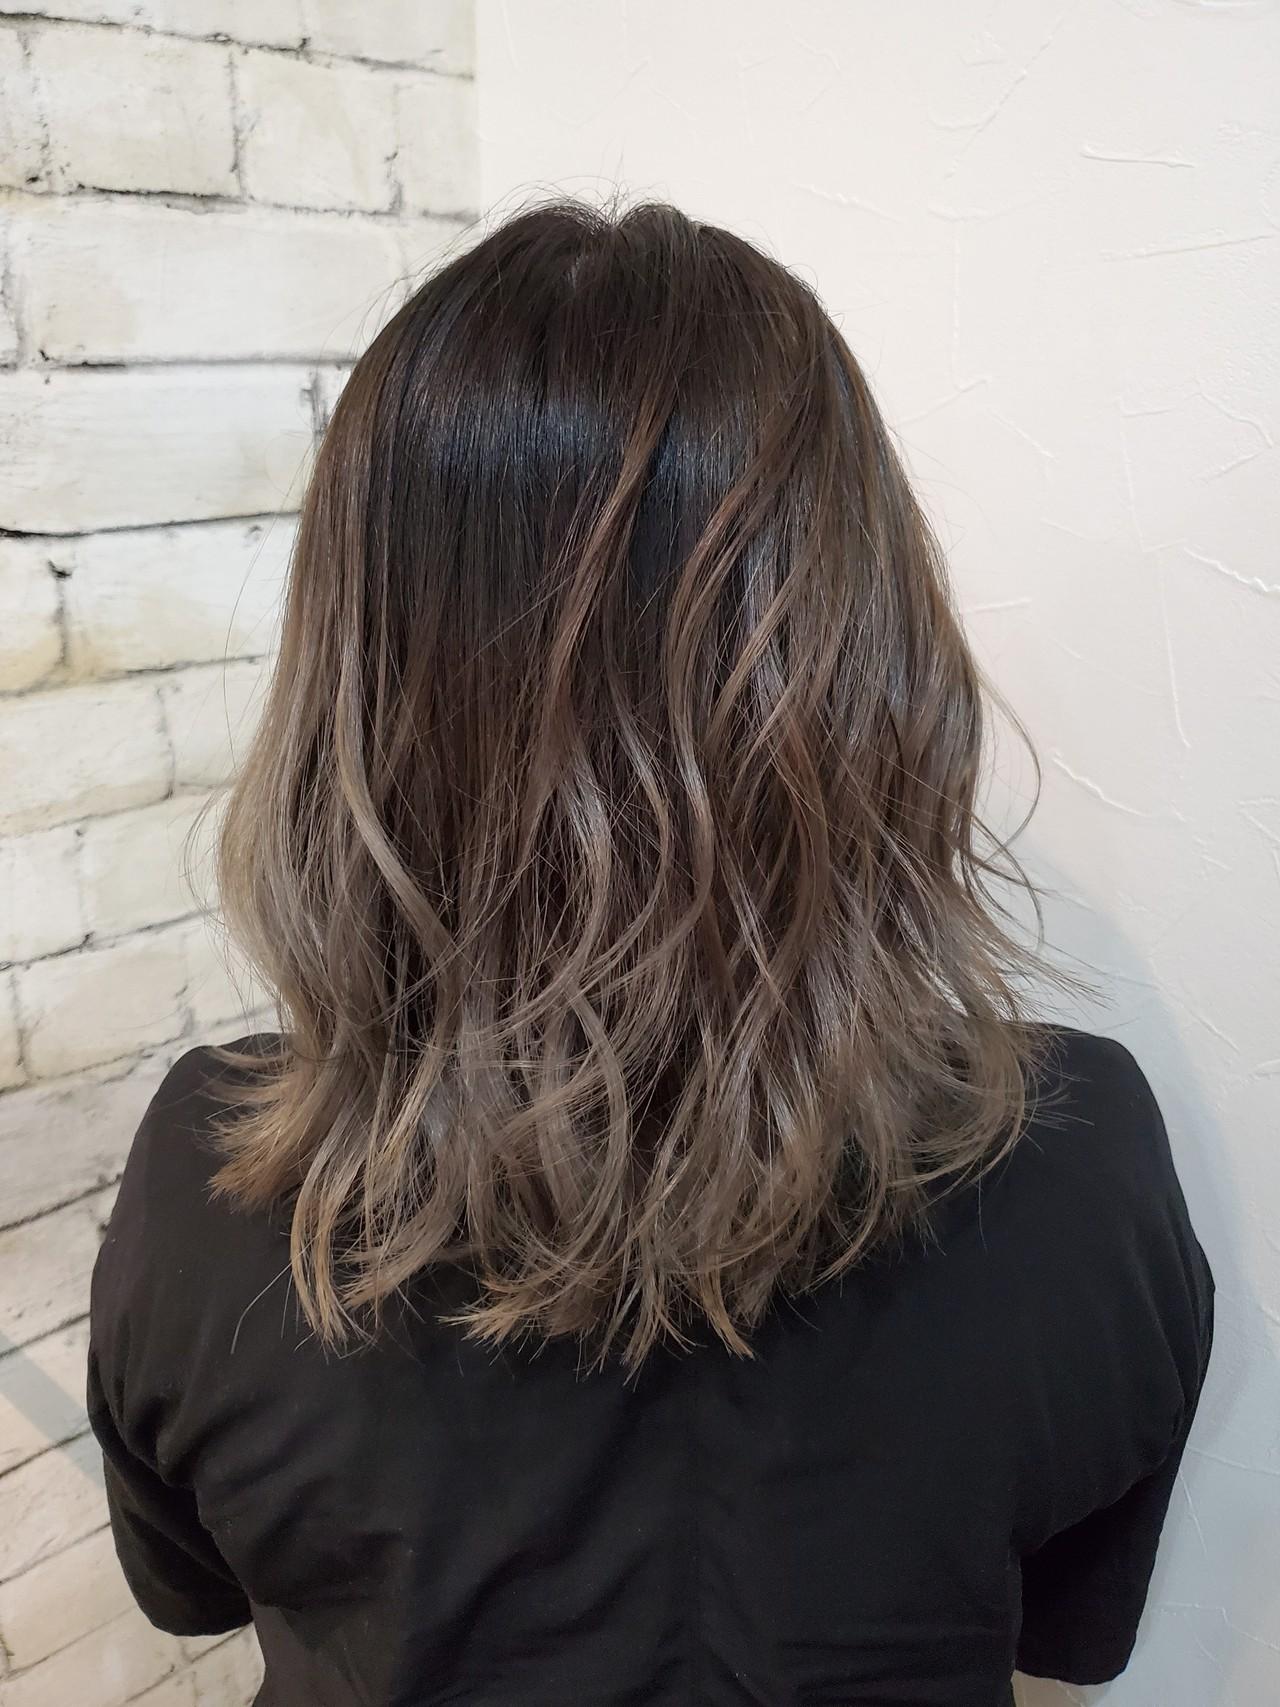 ミディアム ハイライト グラデーションカラー コントラストハイライト ヘアスタイルや髪型の写真・画像